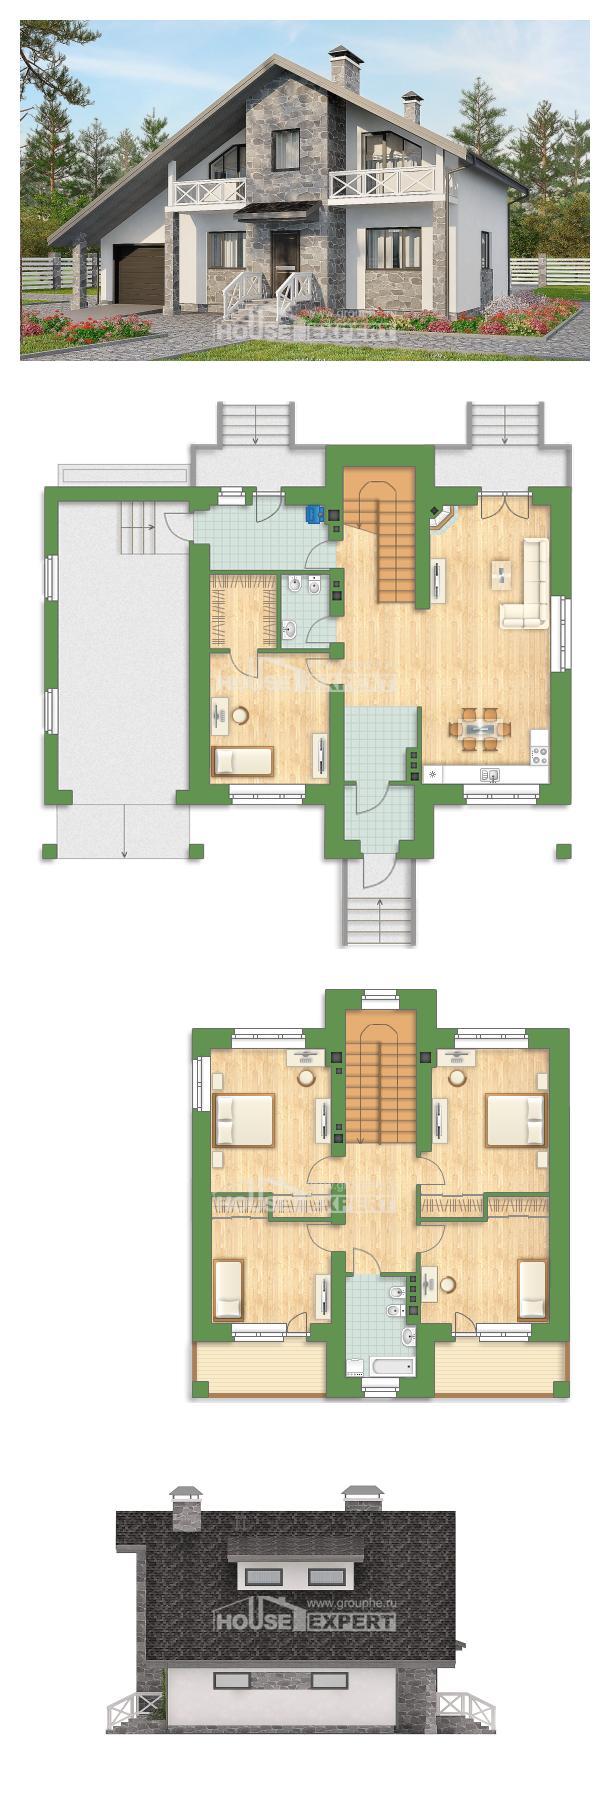 房子的设计 180-017-L   House Expert